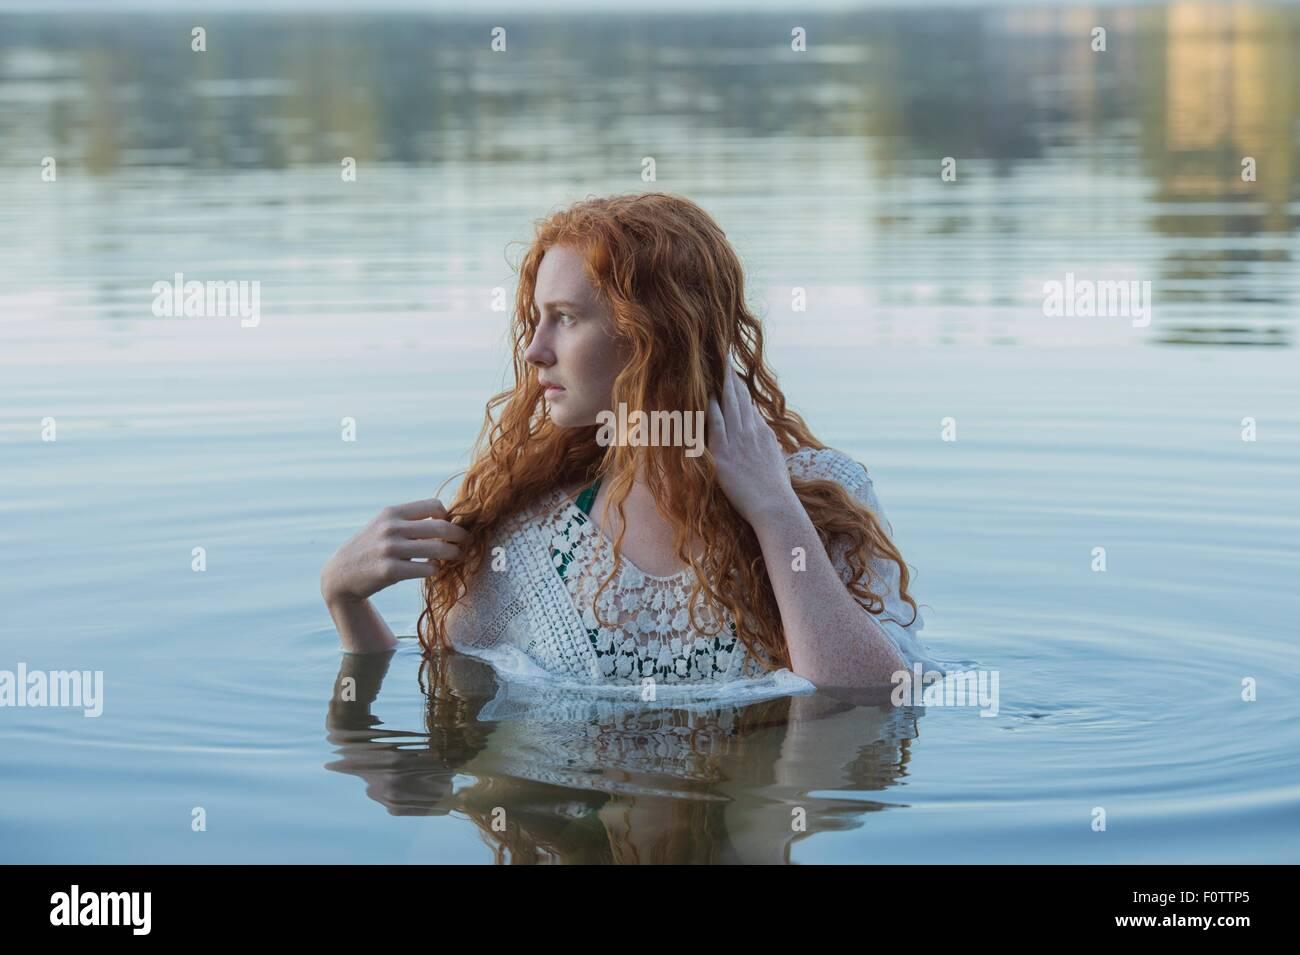 La testa e le spalle del giovane donna con lunghi capelli rossi nel lago guardando lateralmente Immagini Stock